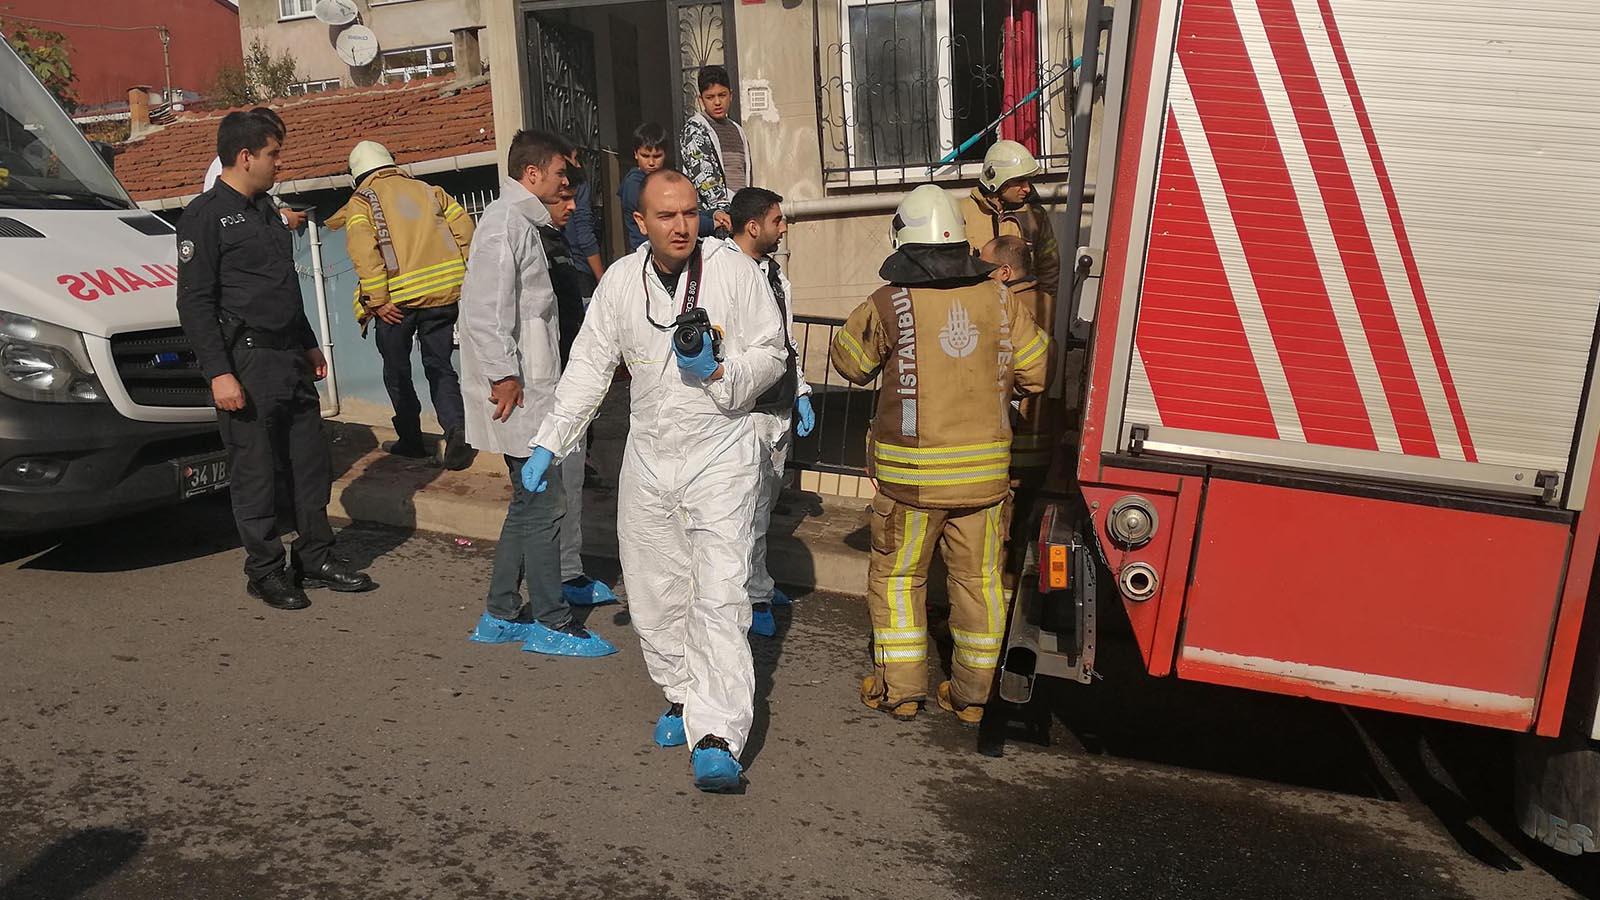 Başakşehir'de elektrikli soba faciası: 2 ölü